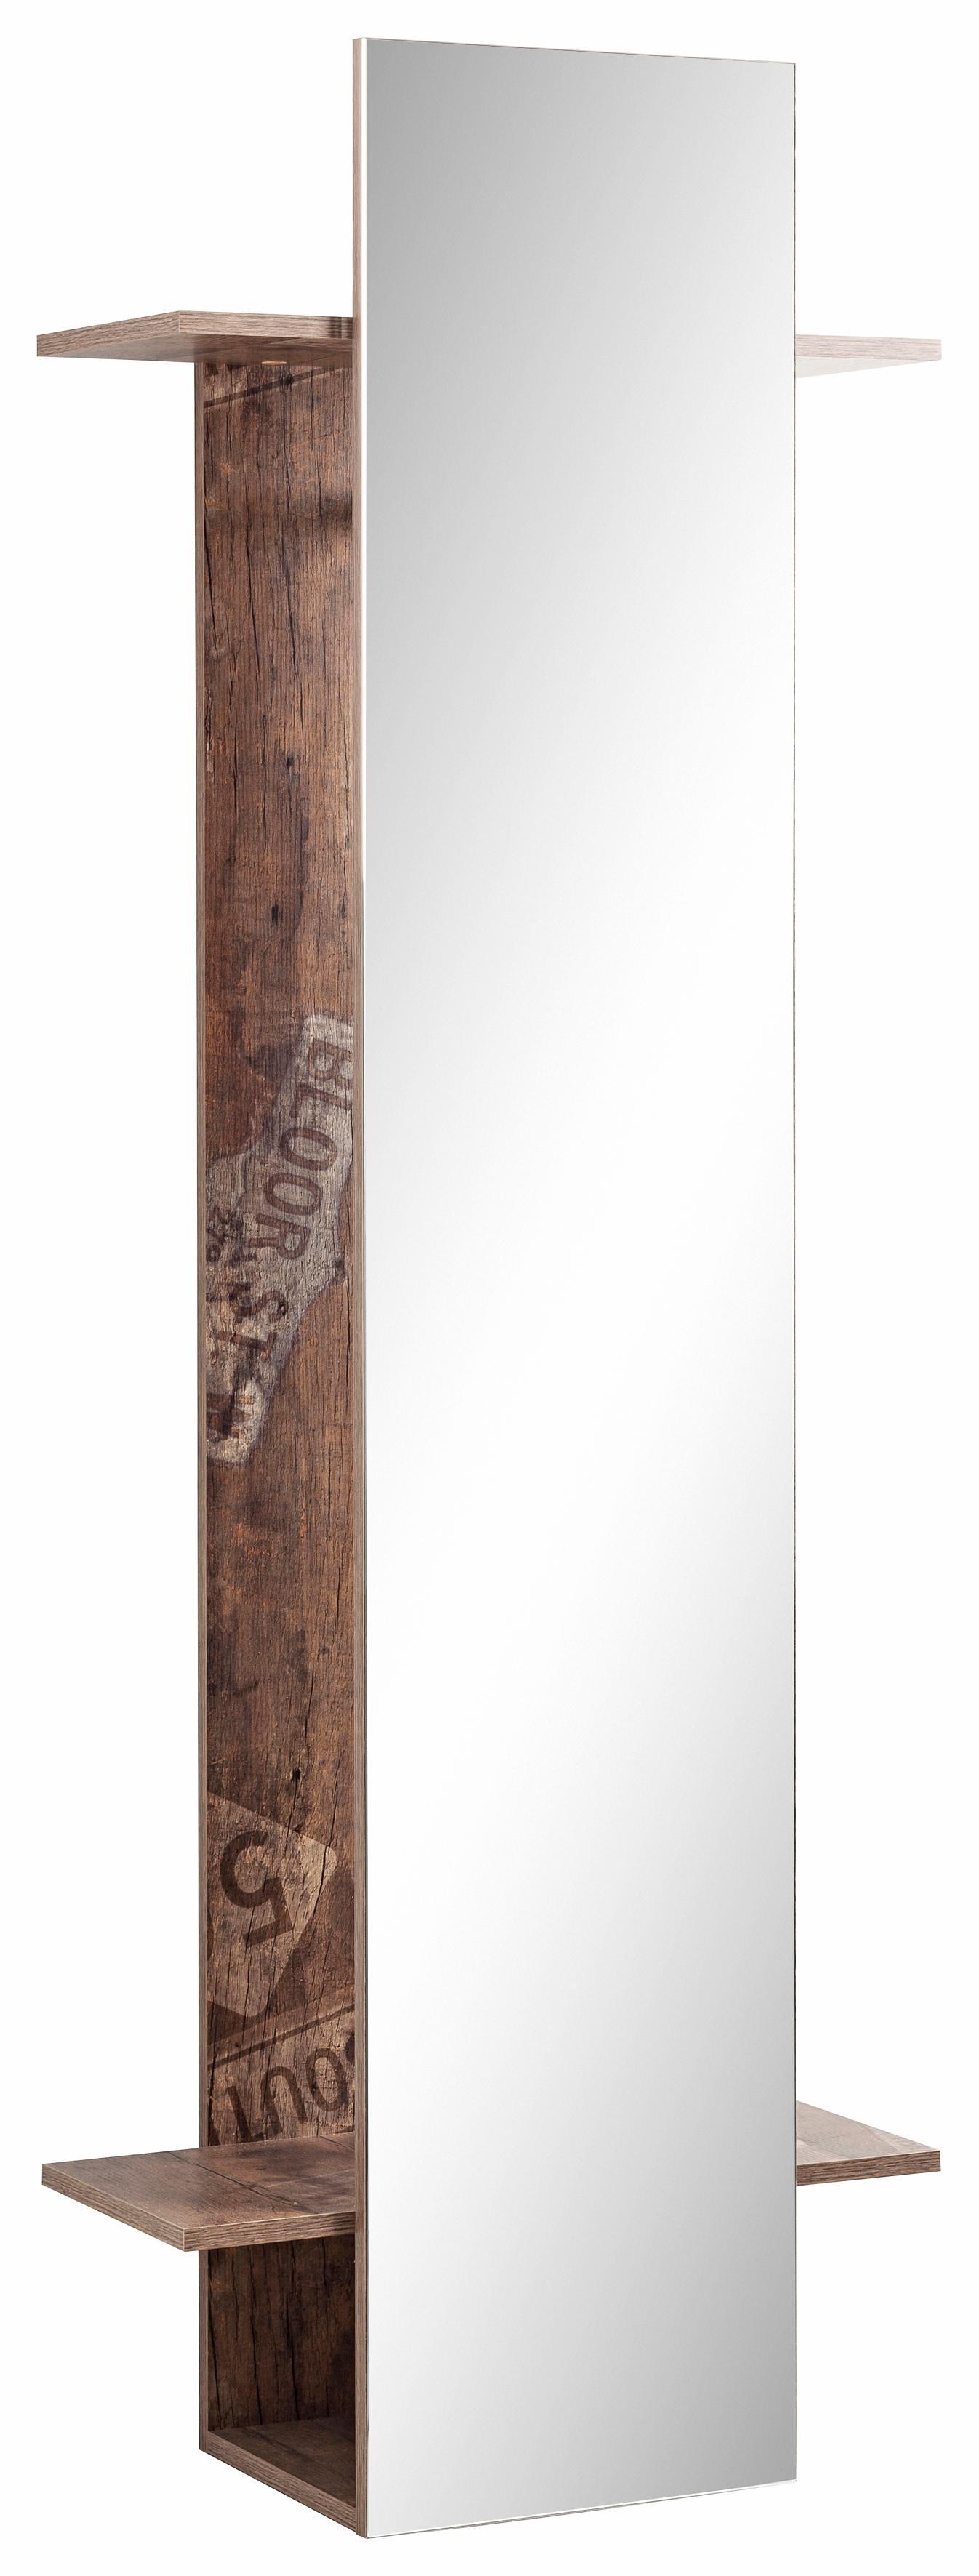 Schildmeyer kapstokpaneel met spiegel bij OTTO online kopen